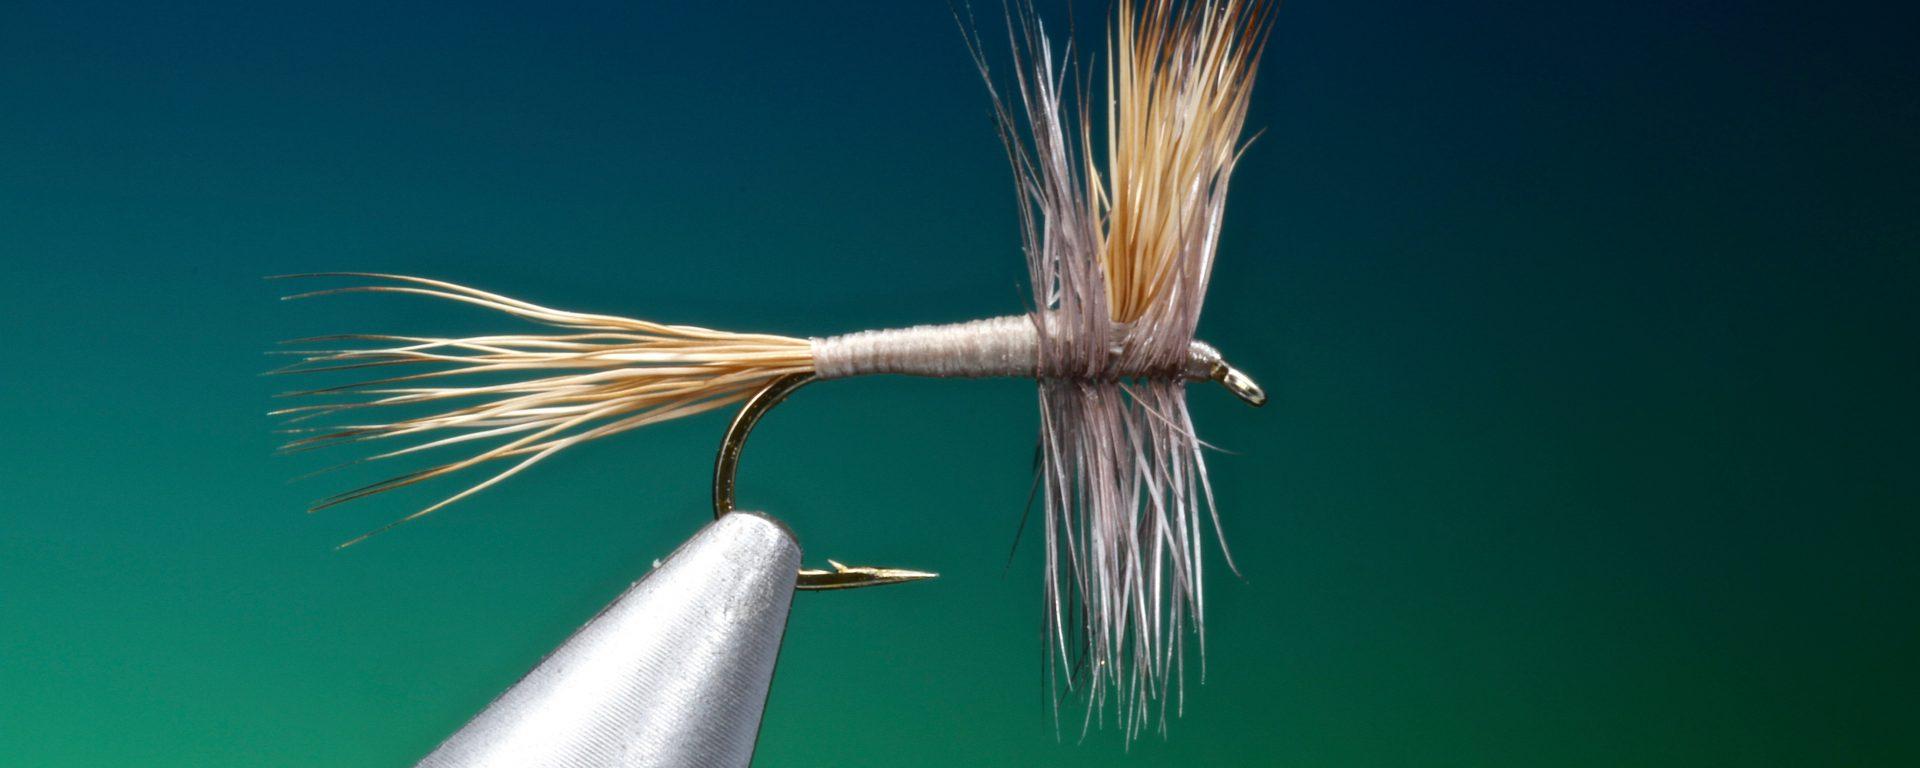 fly tying Grey Wulff dry fly